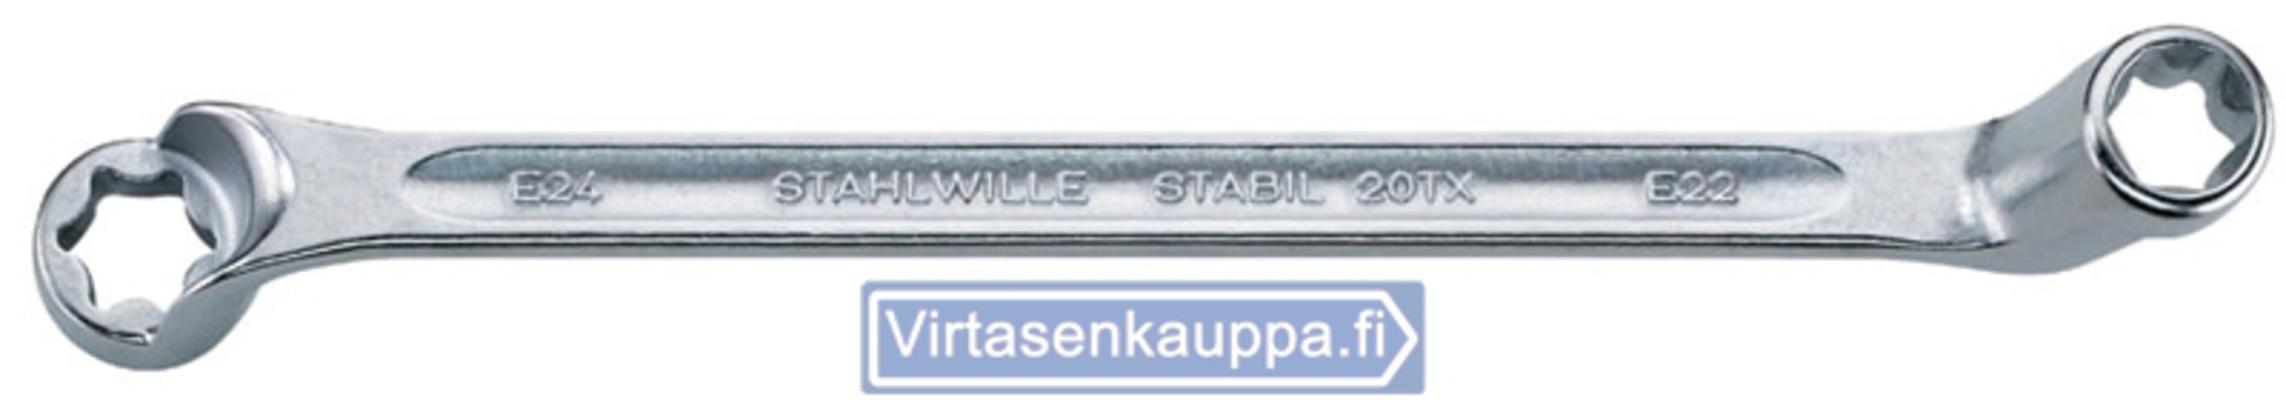 Torx -silmukka-avain, Stahlwille - Torx -silmukka-avain